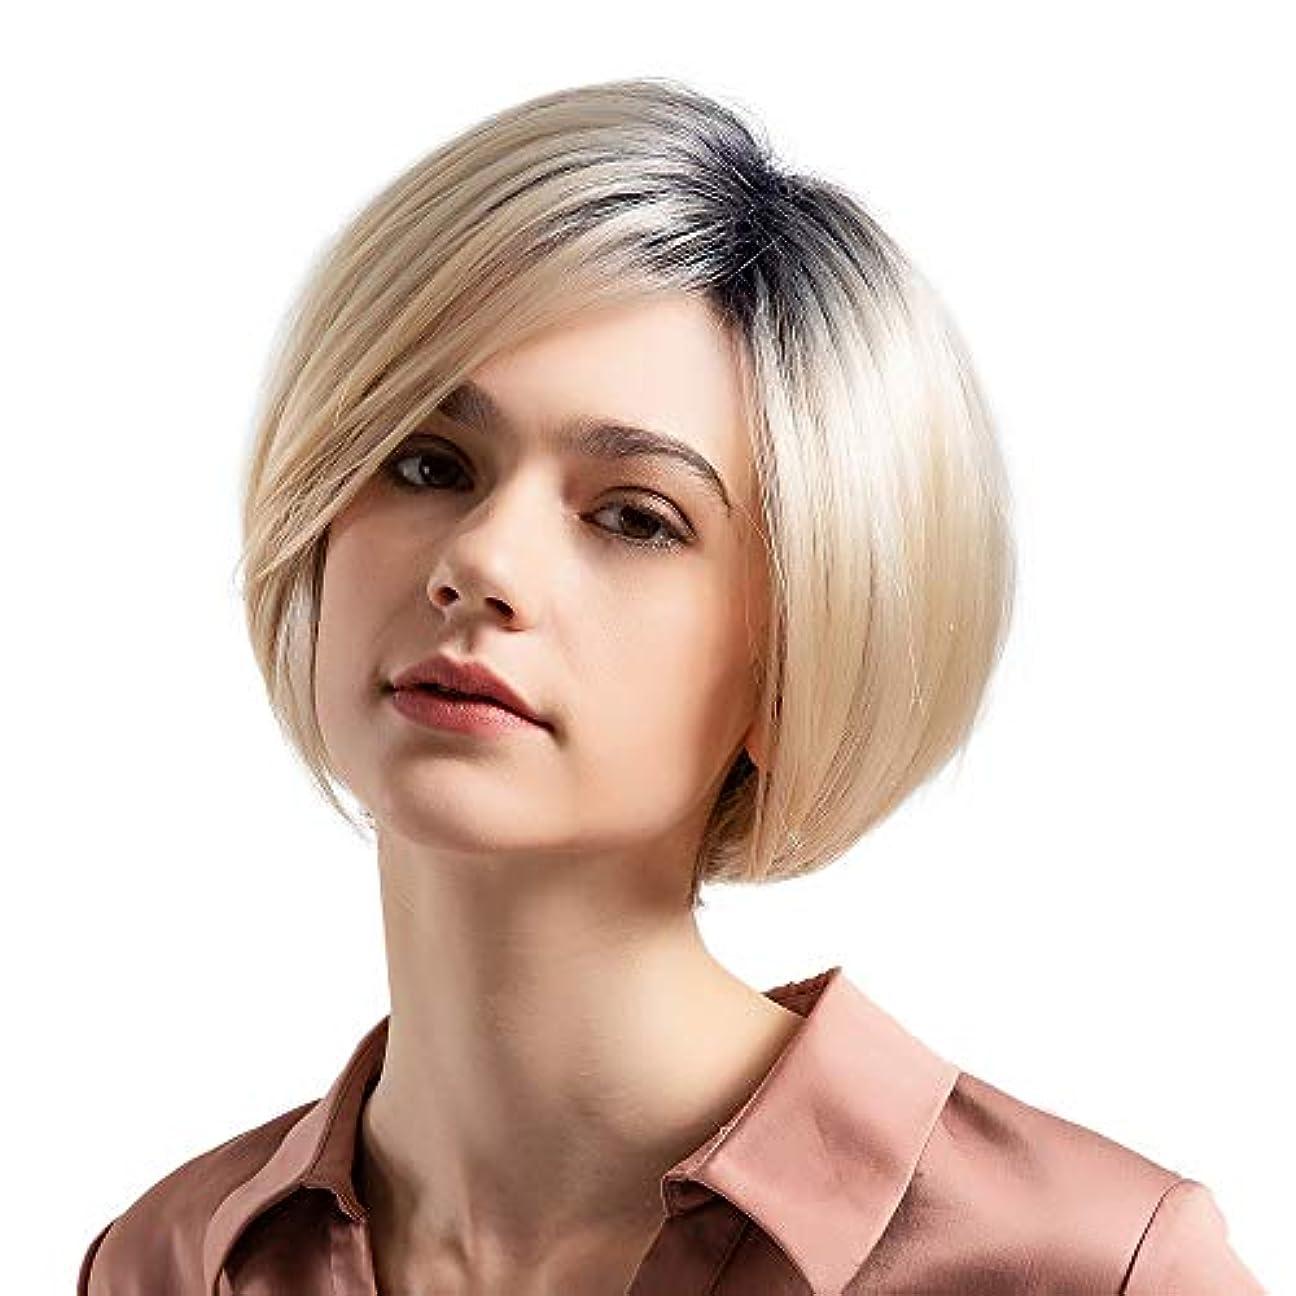 地域マキシムシステムウィッグショートボブストレートヘア50%リアルヘアウィッグ女性のファッショングラデーションウィッグ